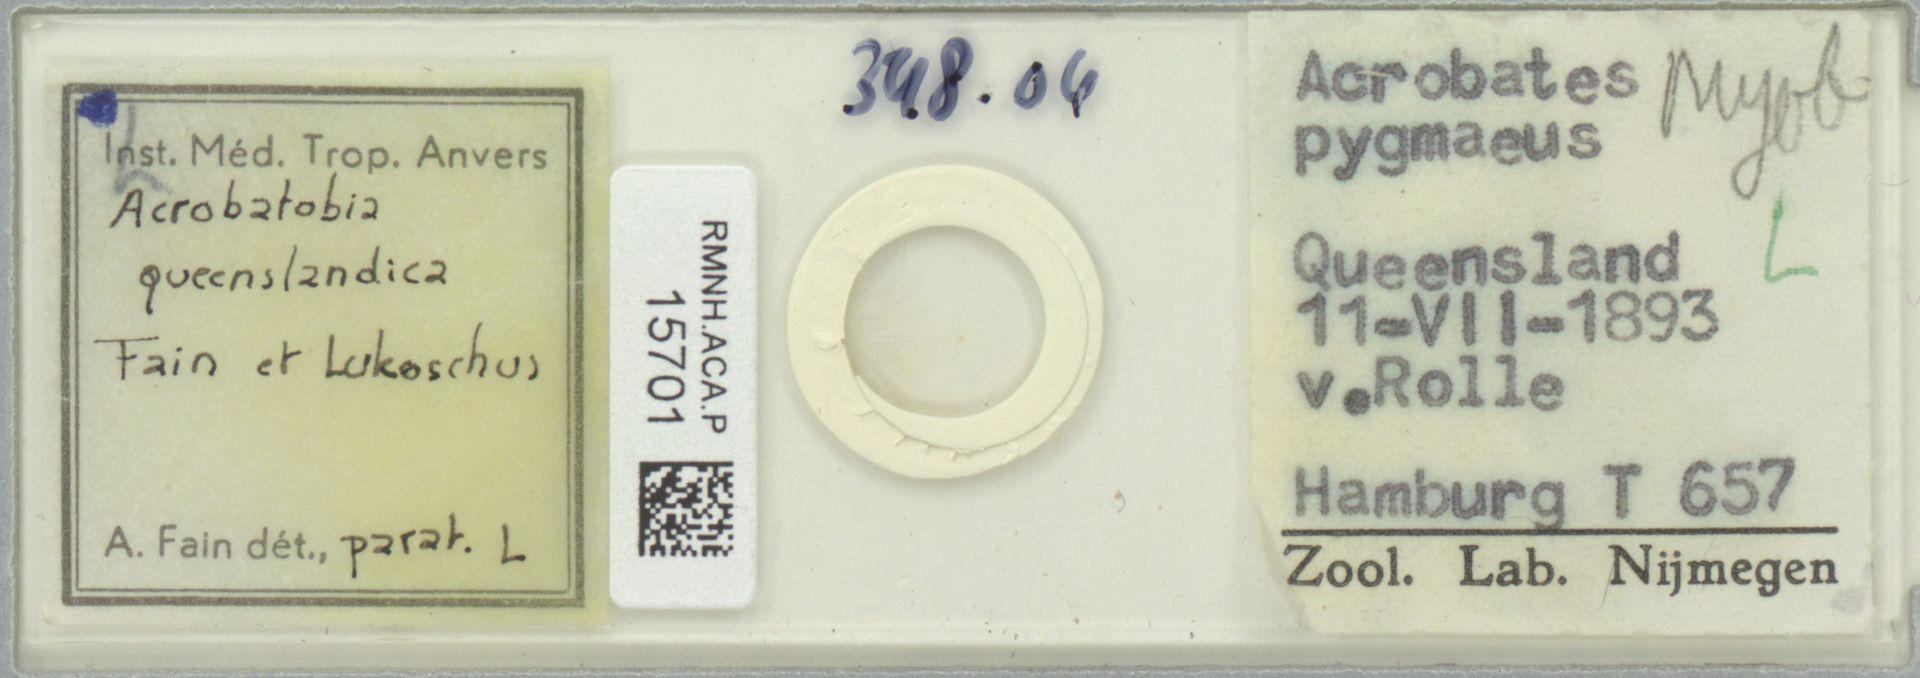 RMNH.ACA.P.15701 | Acrobatobia queenslandica Fain & Lukoschus, 1976